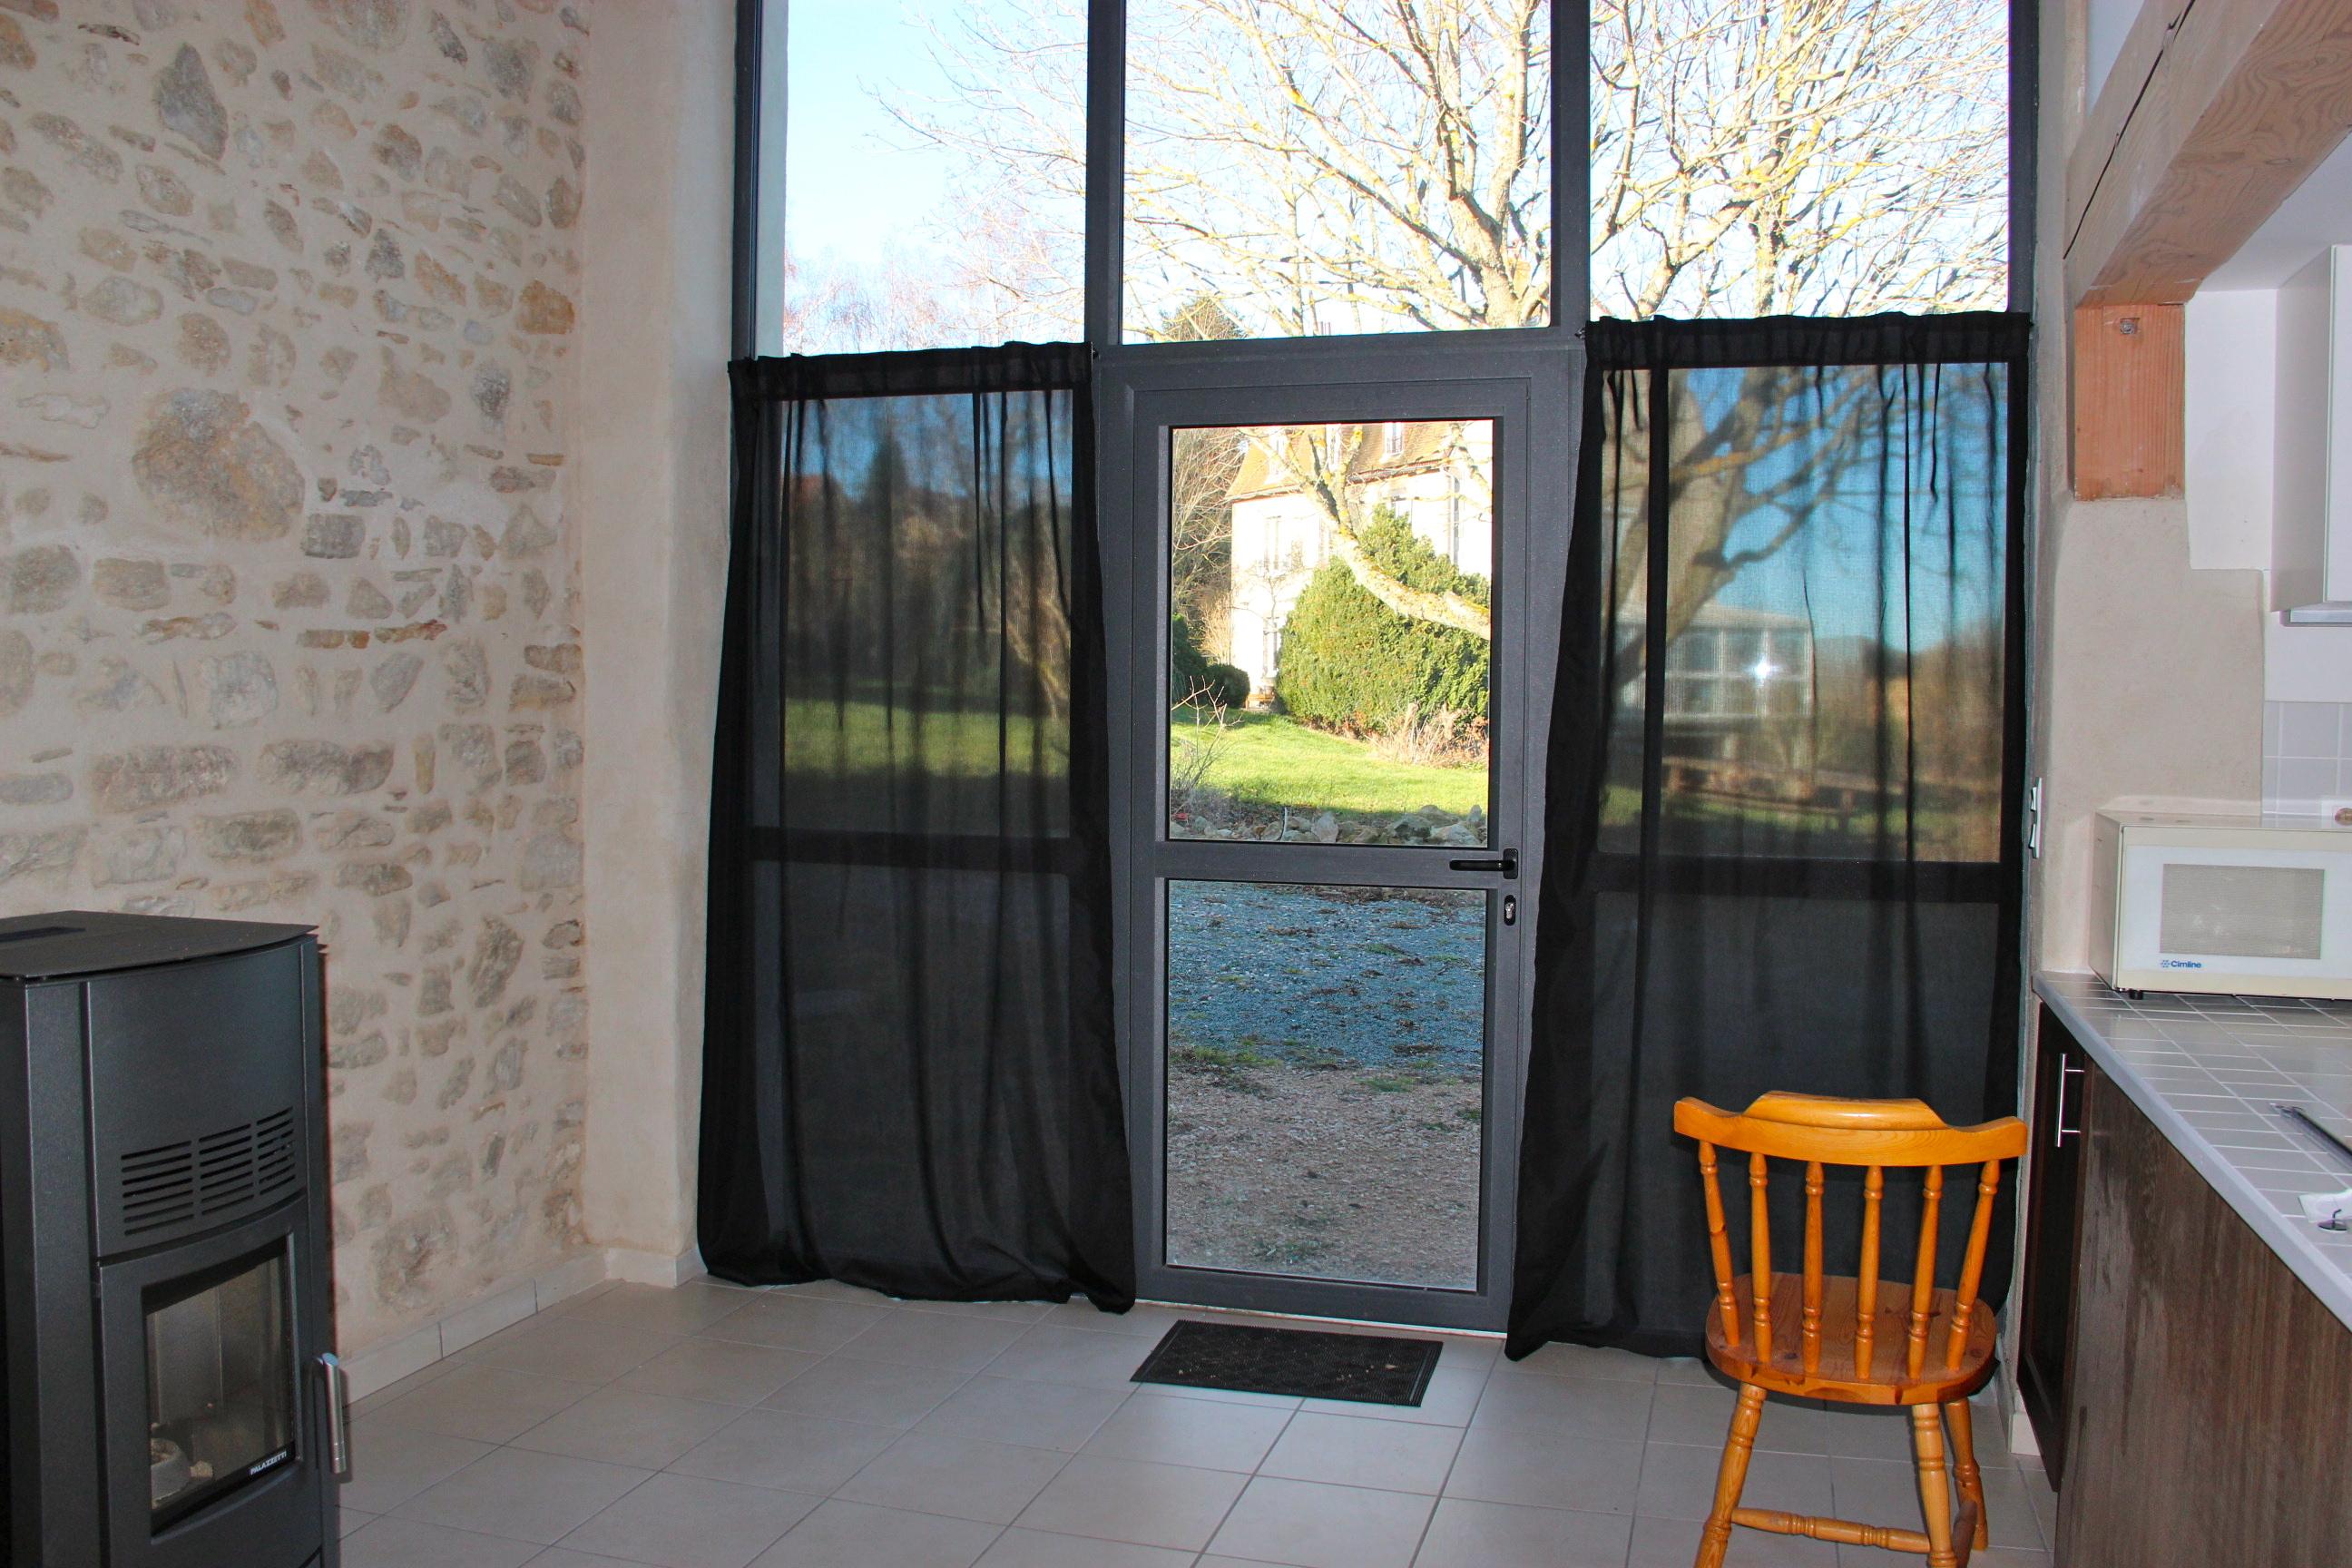 rideaux ikea velours ikea rideaux salon aixen provence pour photo chambre ikea rideaux bleu. Black Bedroom Furniture Sets. Home Design Ideas